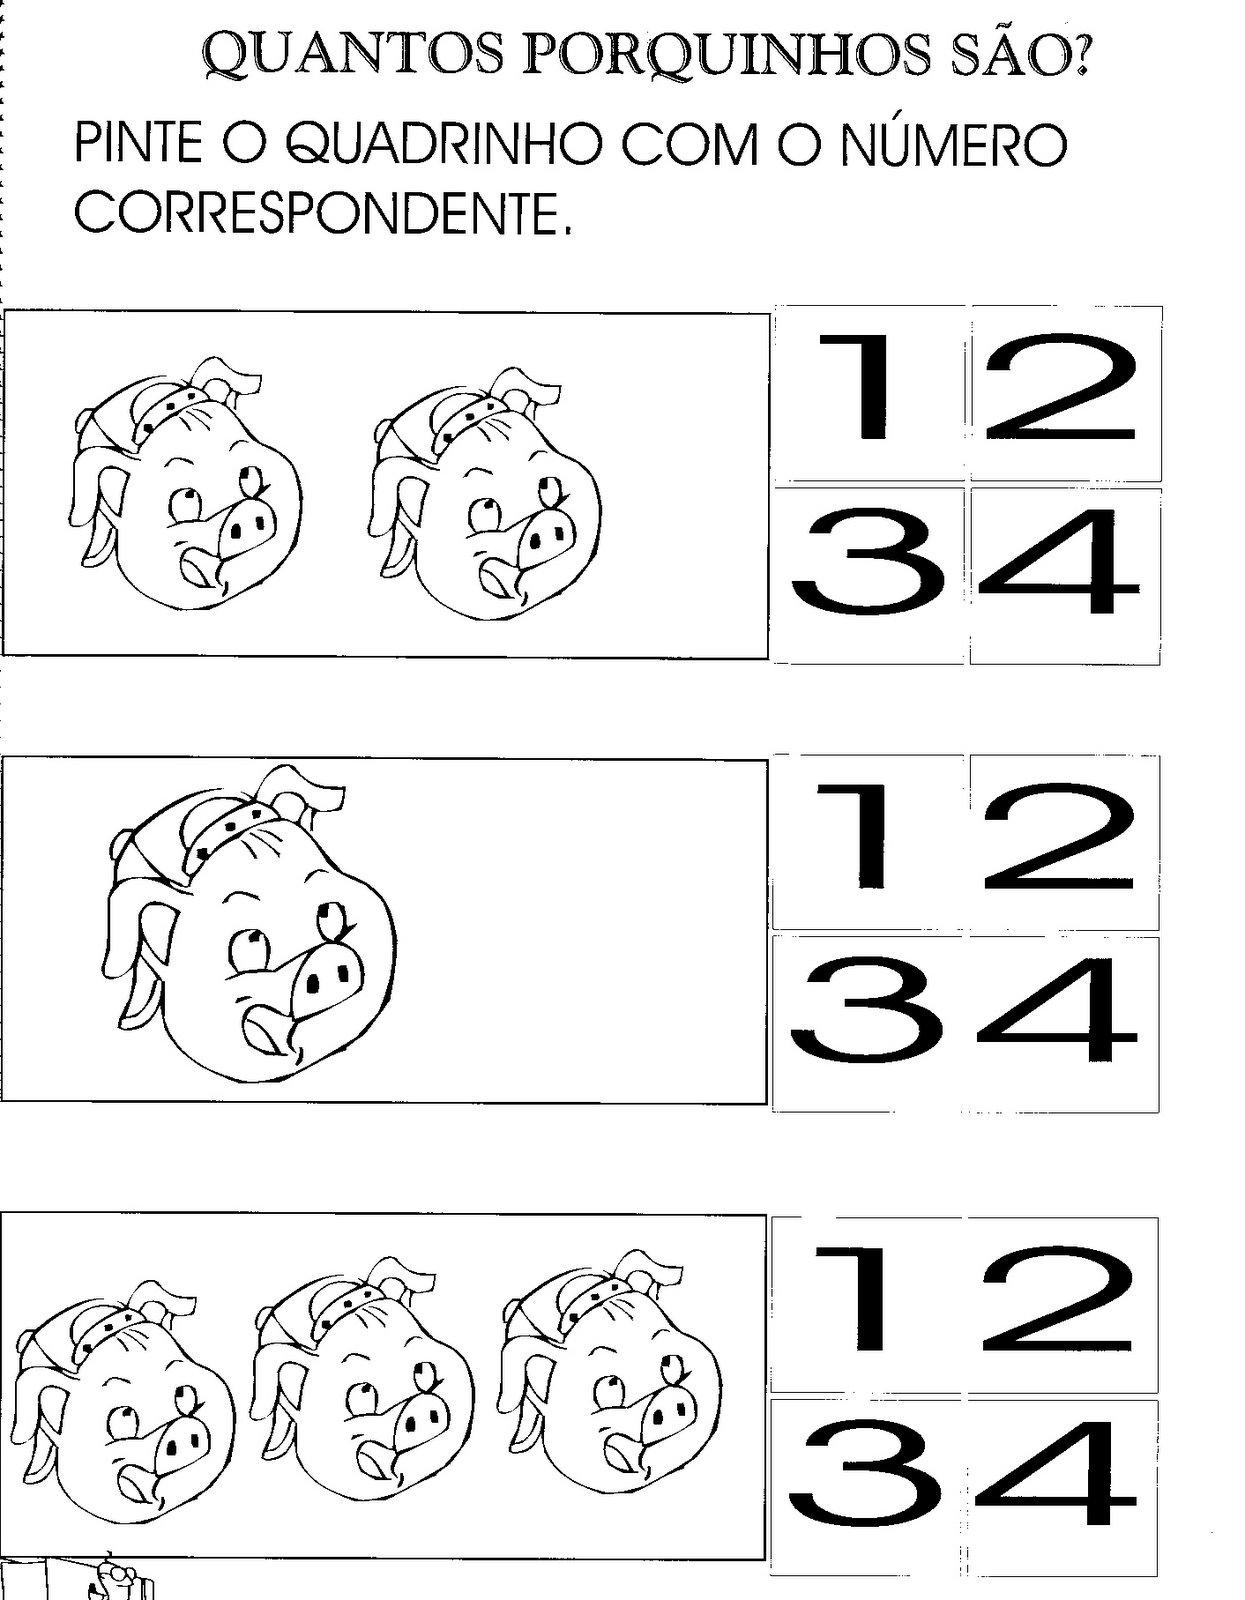 OS TR  S PORQUINHOS ATIVIDADES CONTOS DE FADAS HIST  RIAS INFANTIS